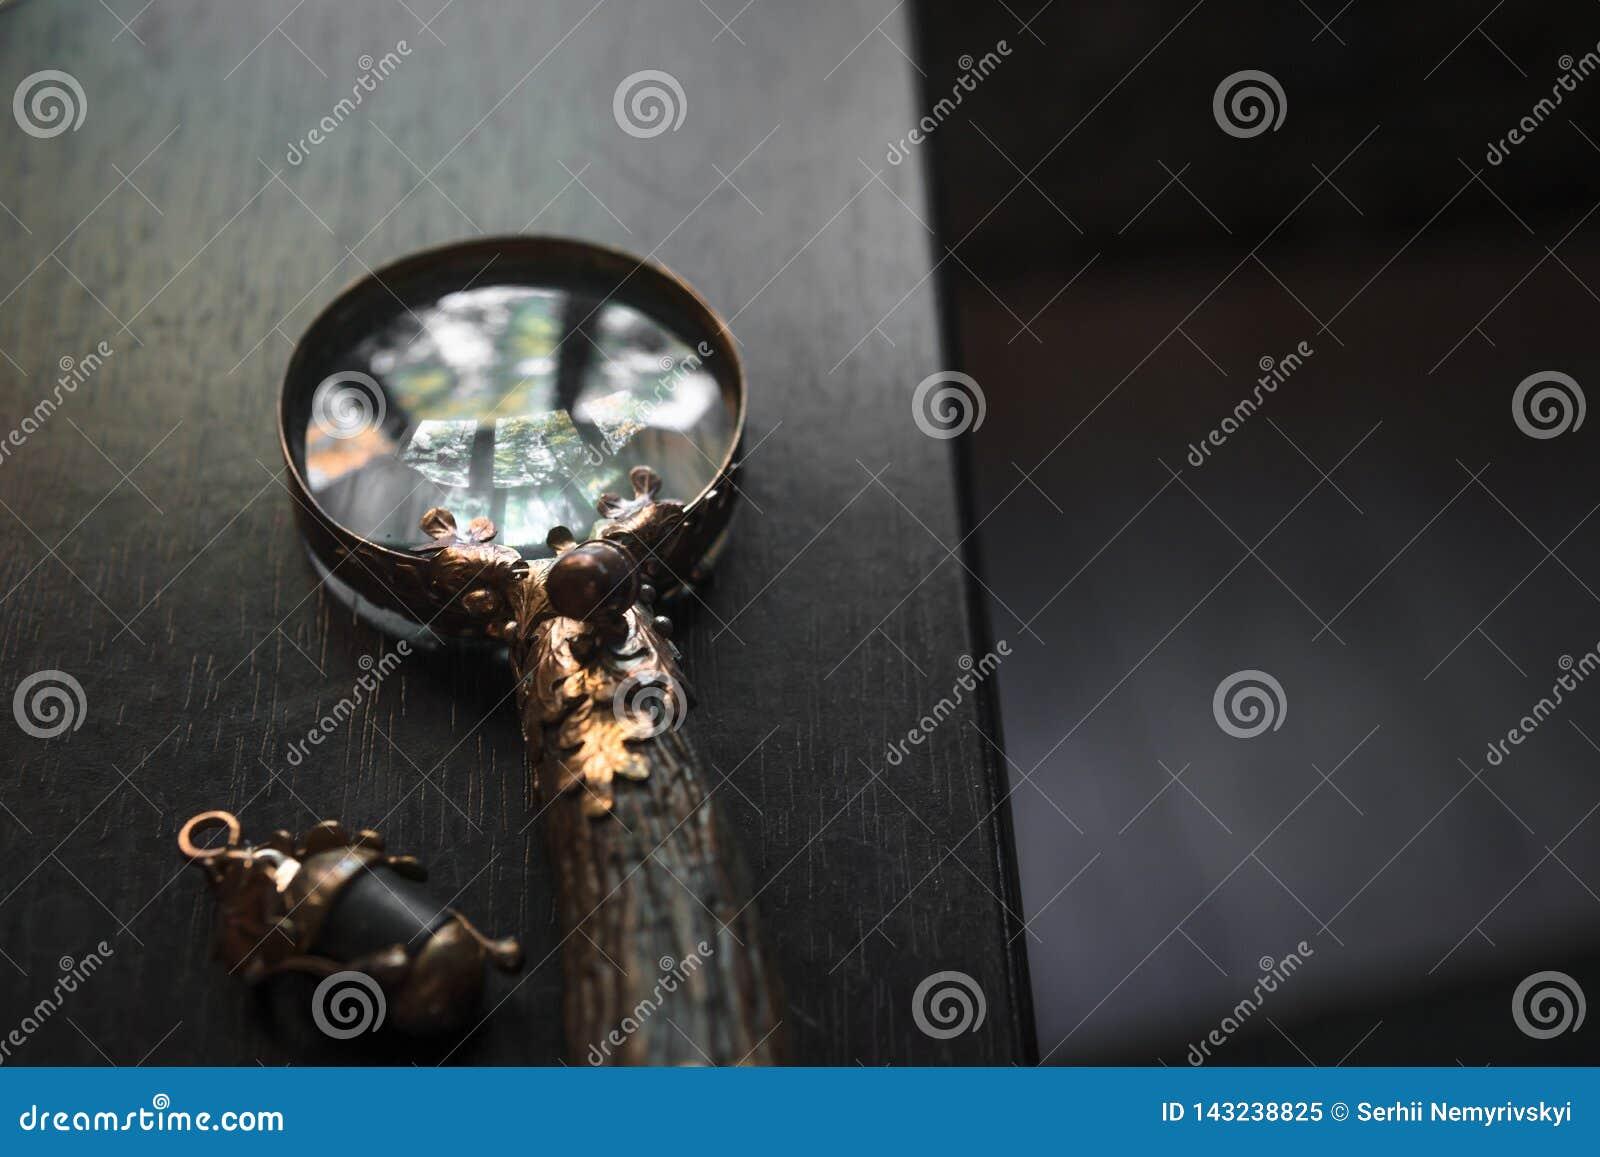 Loupeclose-up, uitstekende meer magnifier met de hand gemaakt op donkere houten lijstachtergrond, concept onderzoek, onderzoek, p